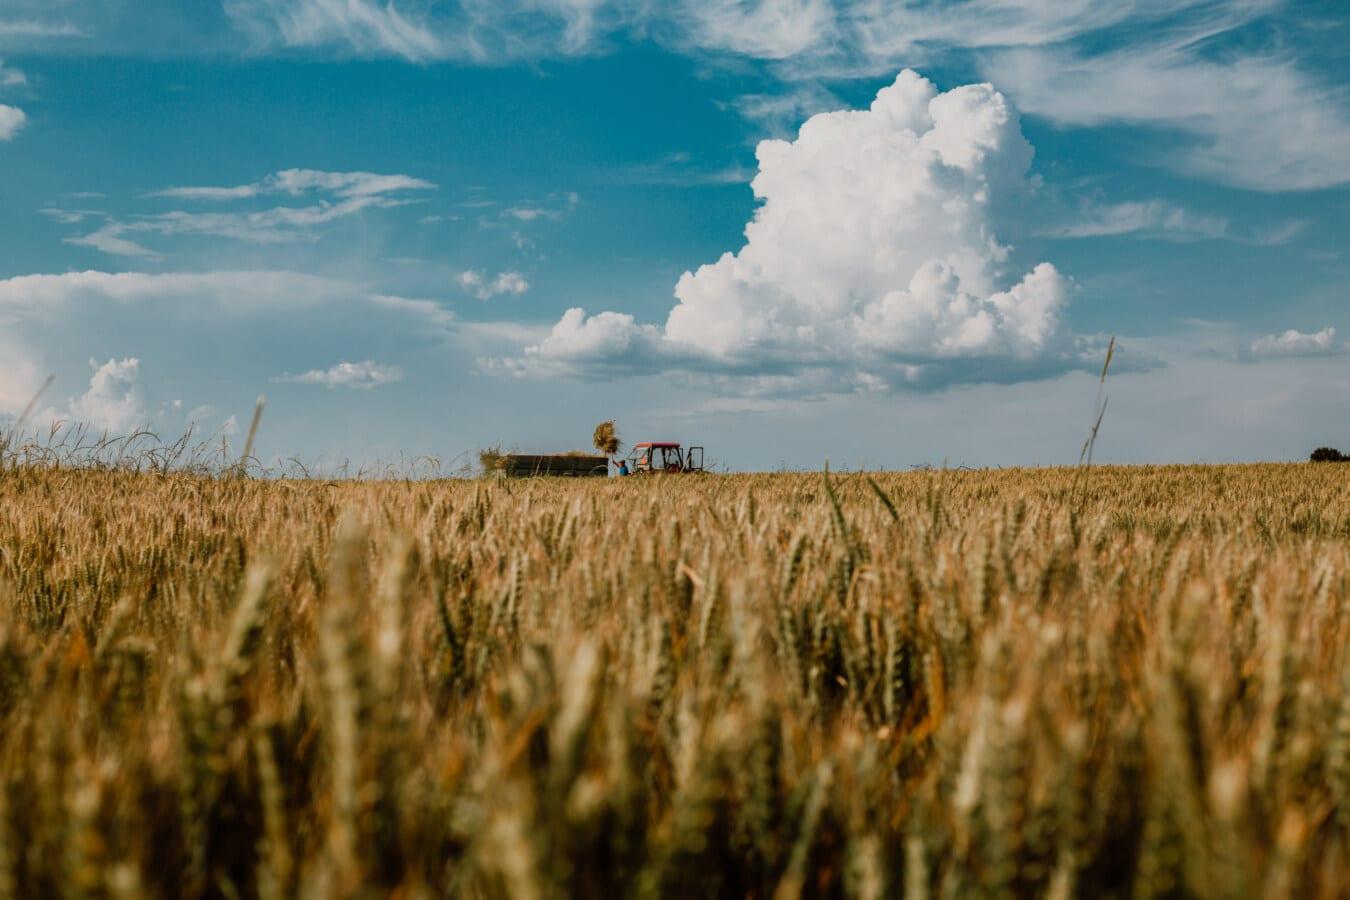 Landwirtschaft, Arbeit vor Ort, Traktor, Weizenfeld, Sommer, Getreide, Feld, des ländlichen Raums, Landschaft, Stroh